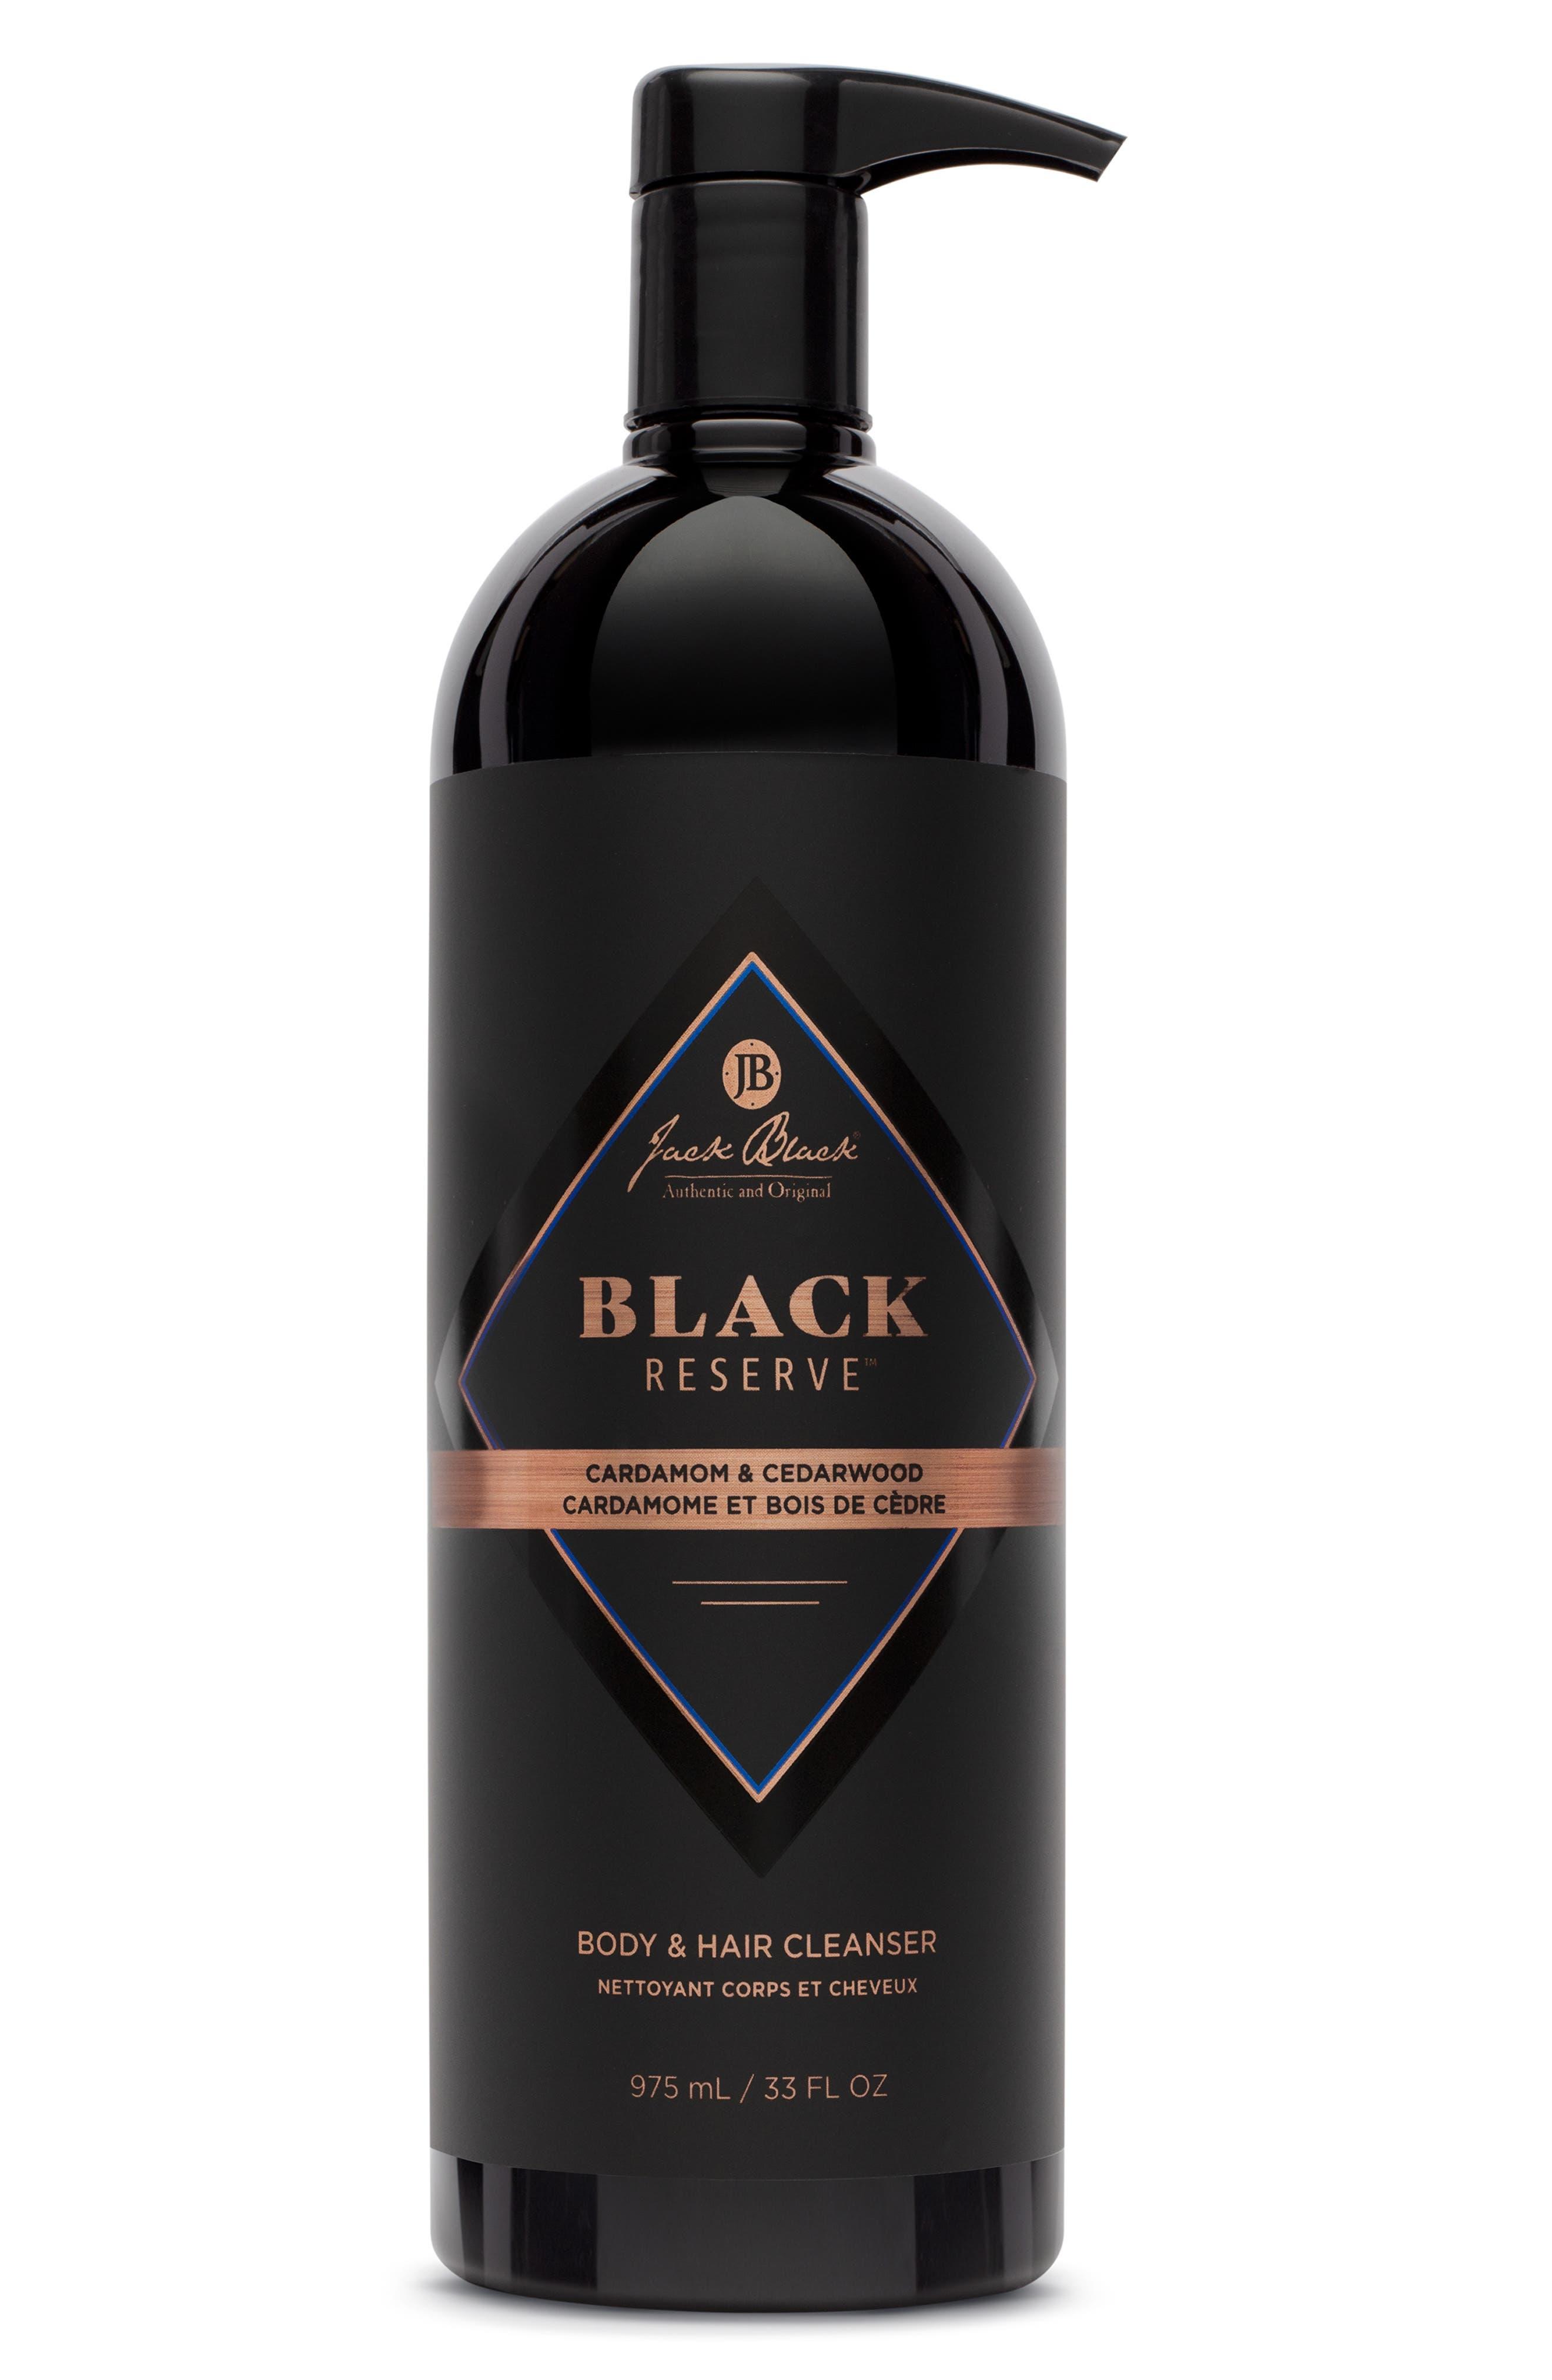 Jumbo Black Reserve Body & Hair Cleanser